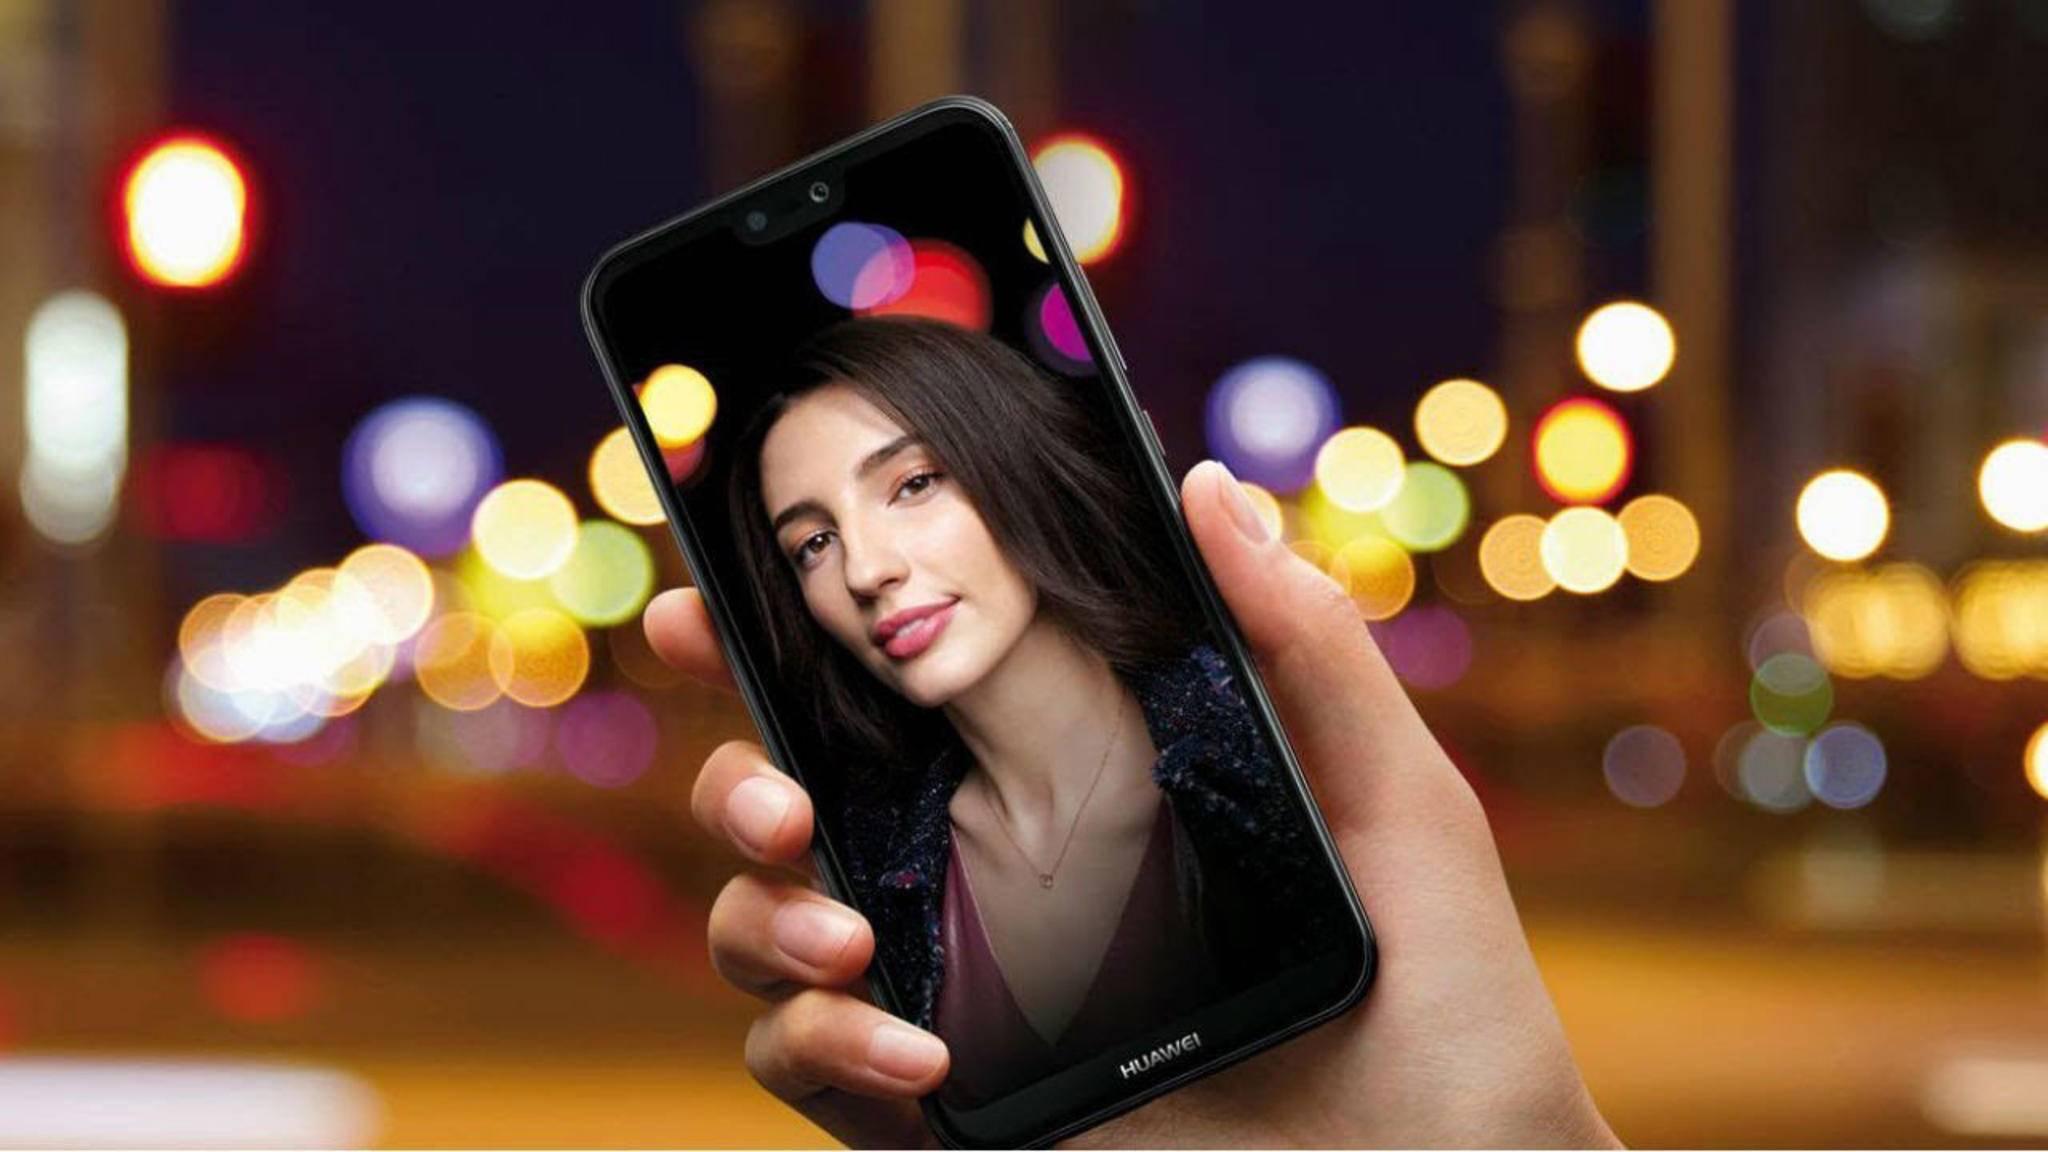 Das Huawei P20 Lite wird offenbar in einigen Läden schon verkauft.